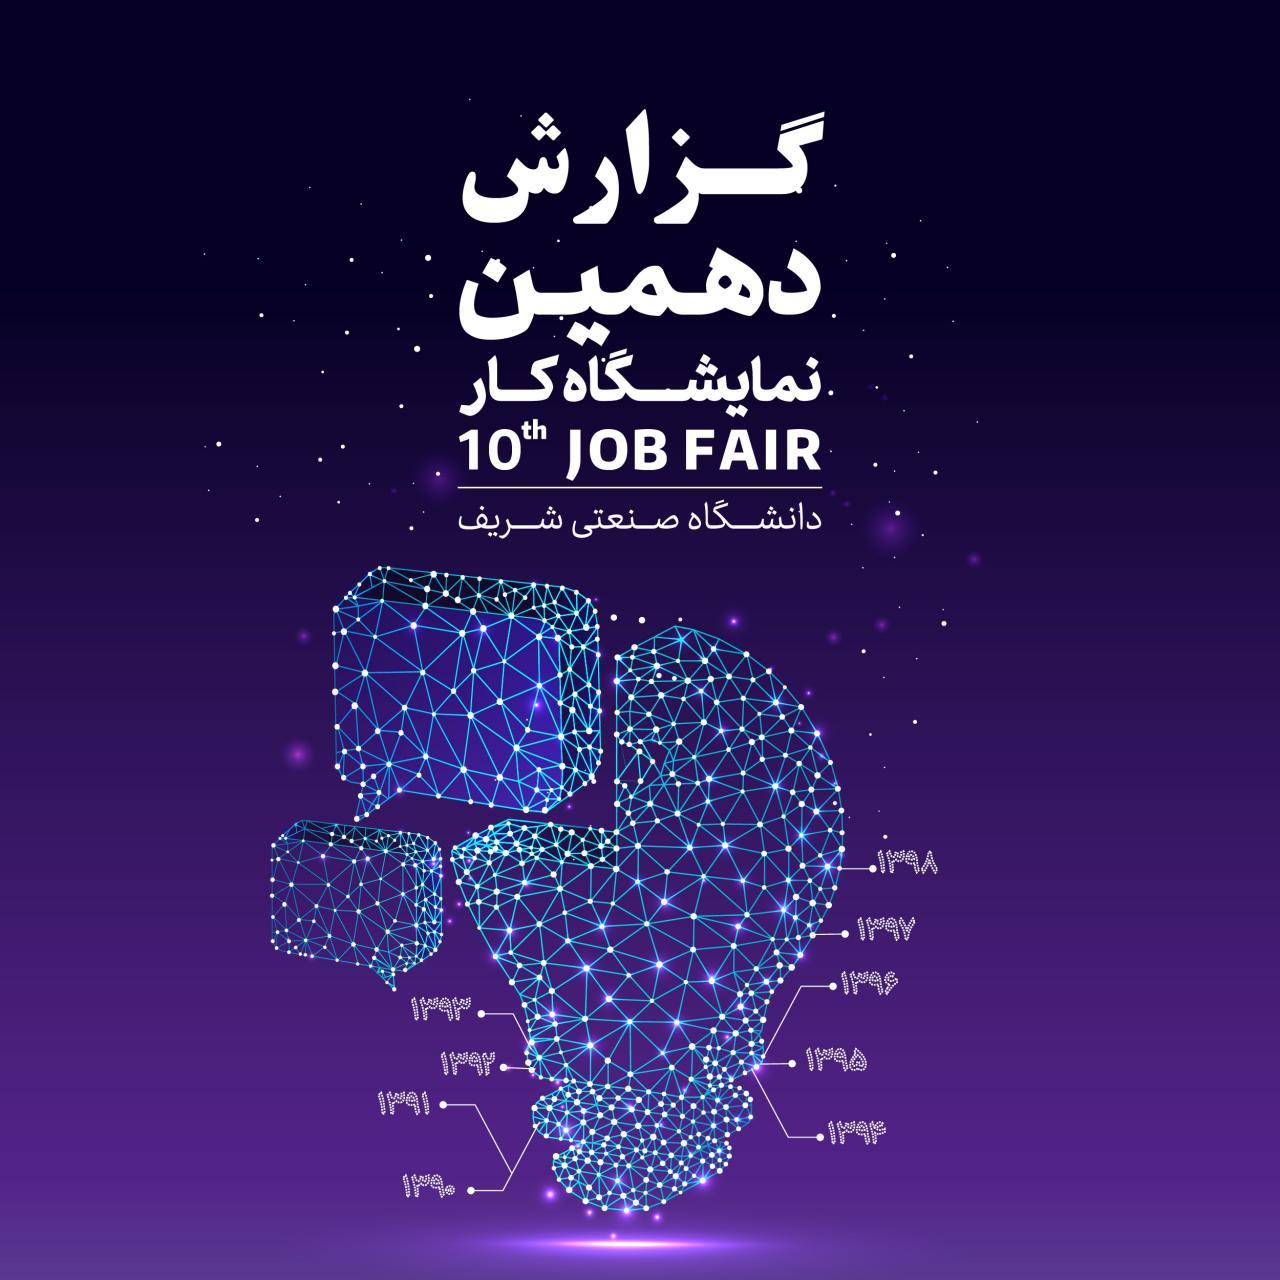 گزارش آمار استخدامی دهمین نمایشگاه کار دانشگاه شریف تا به امروز